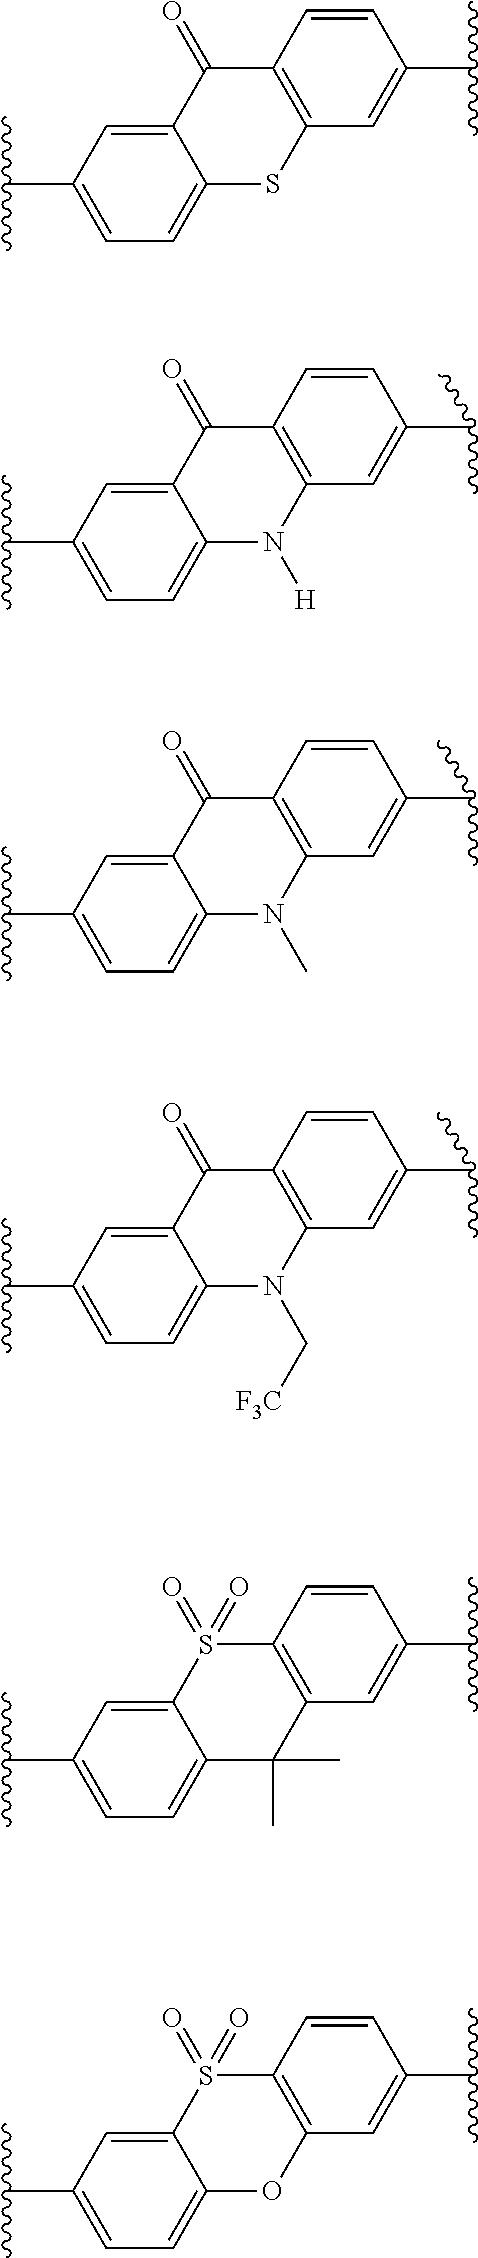 Figure US09511056-20161206-C00112